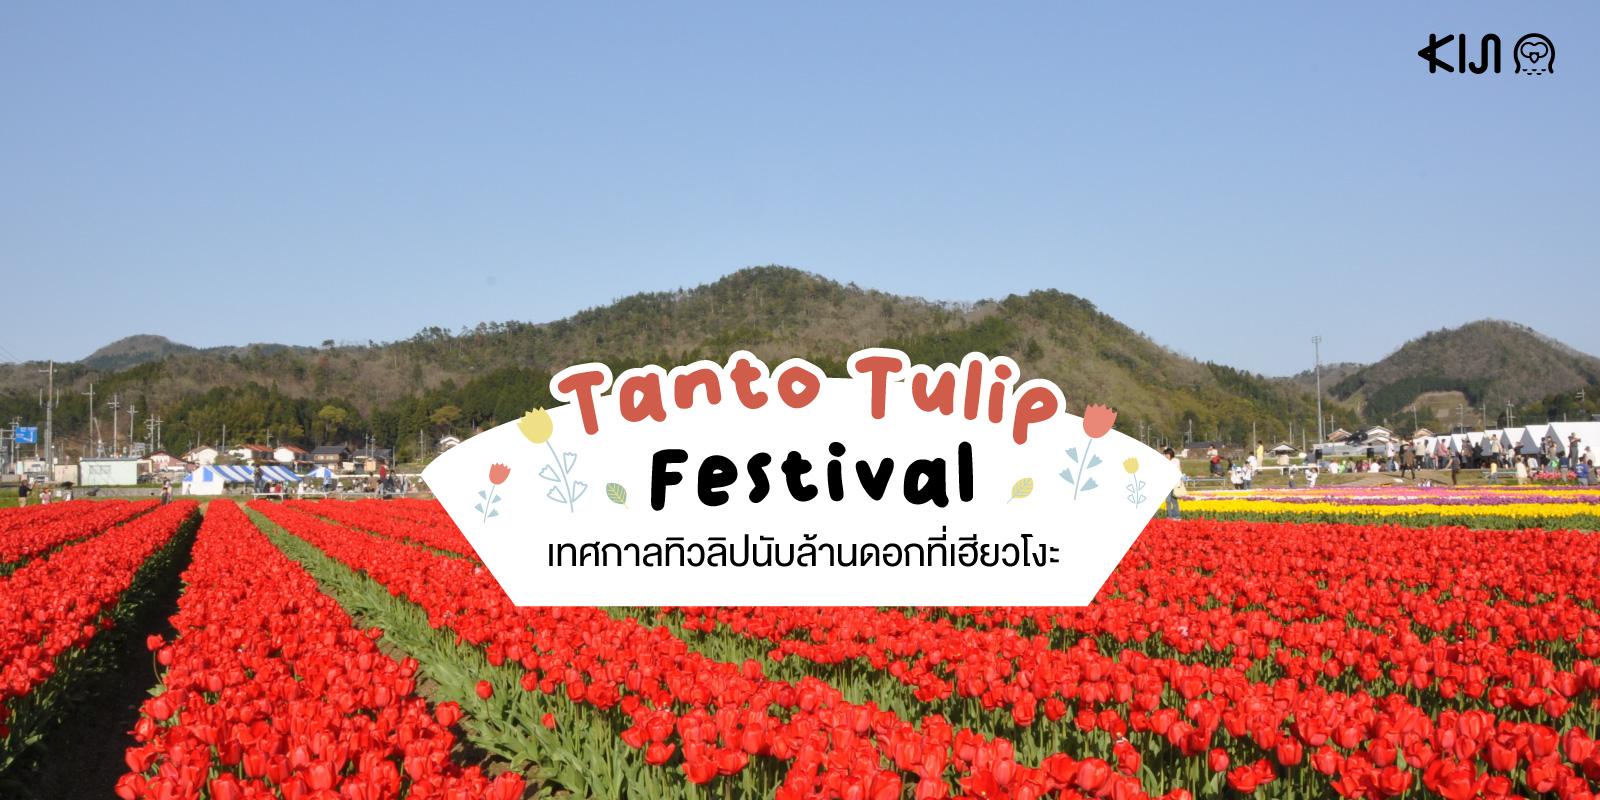 Tanto Tulip Festival : เทศกาลทิวลิปนับล้านดอก ณ เมืองทันโต จังหวัดเฮียวโงะ